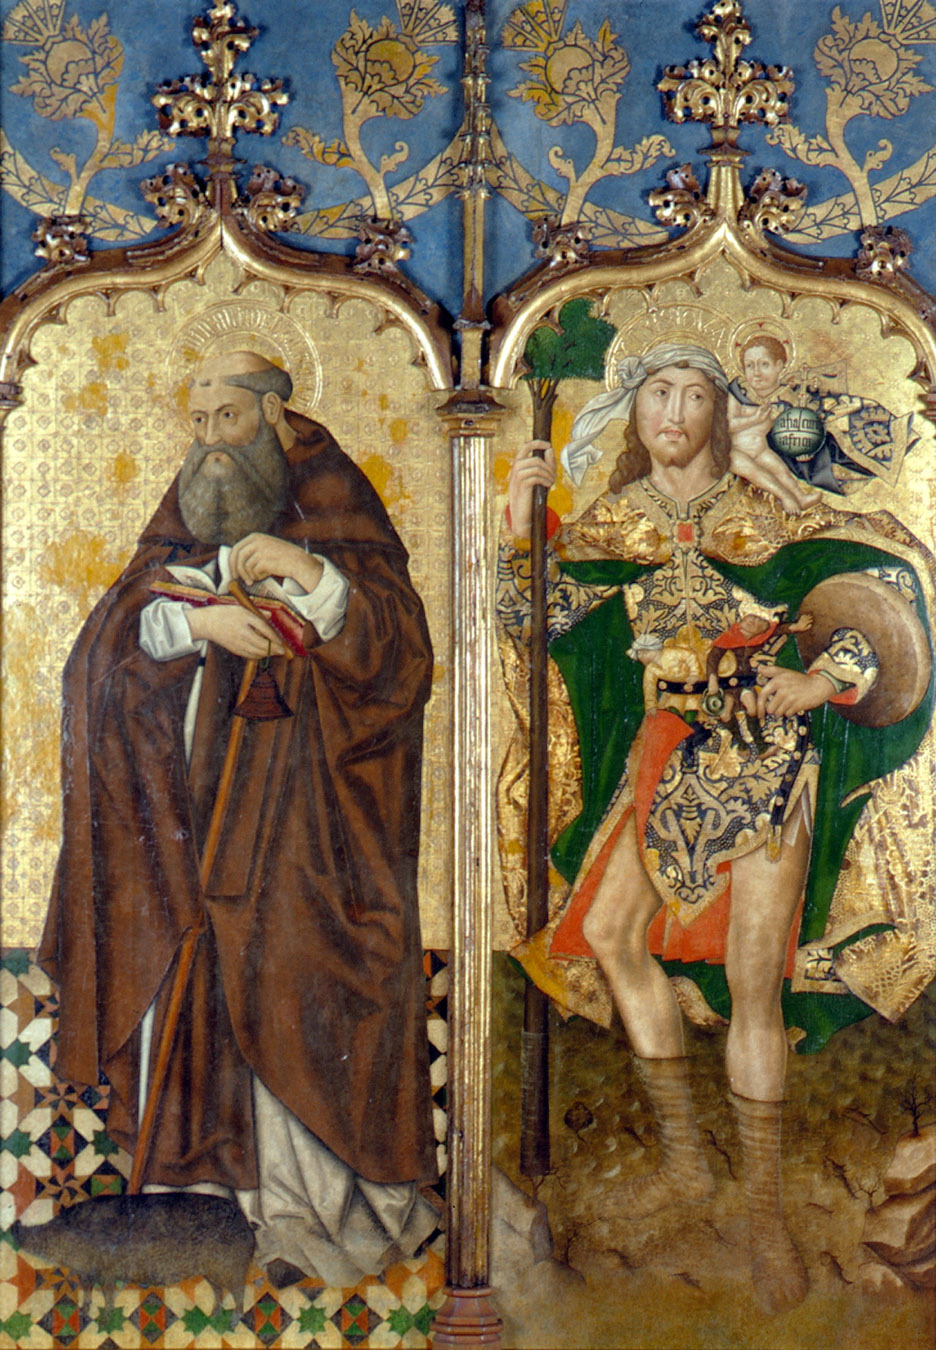 San Antonio Abad y San Cristobal. Museo de bellas artes. Sevilla